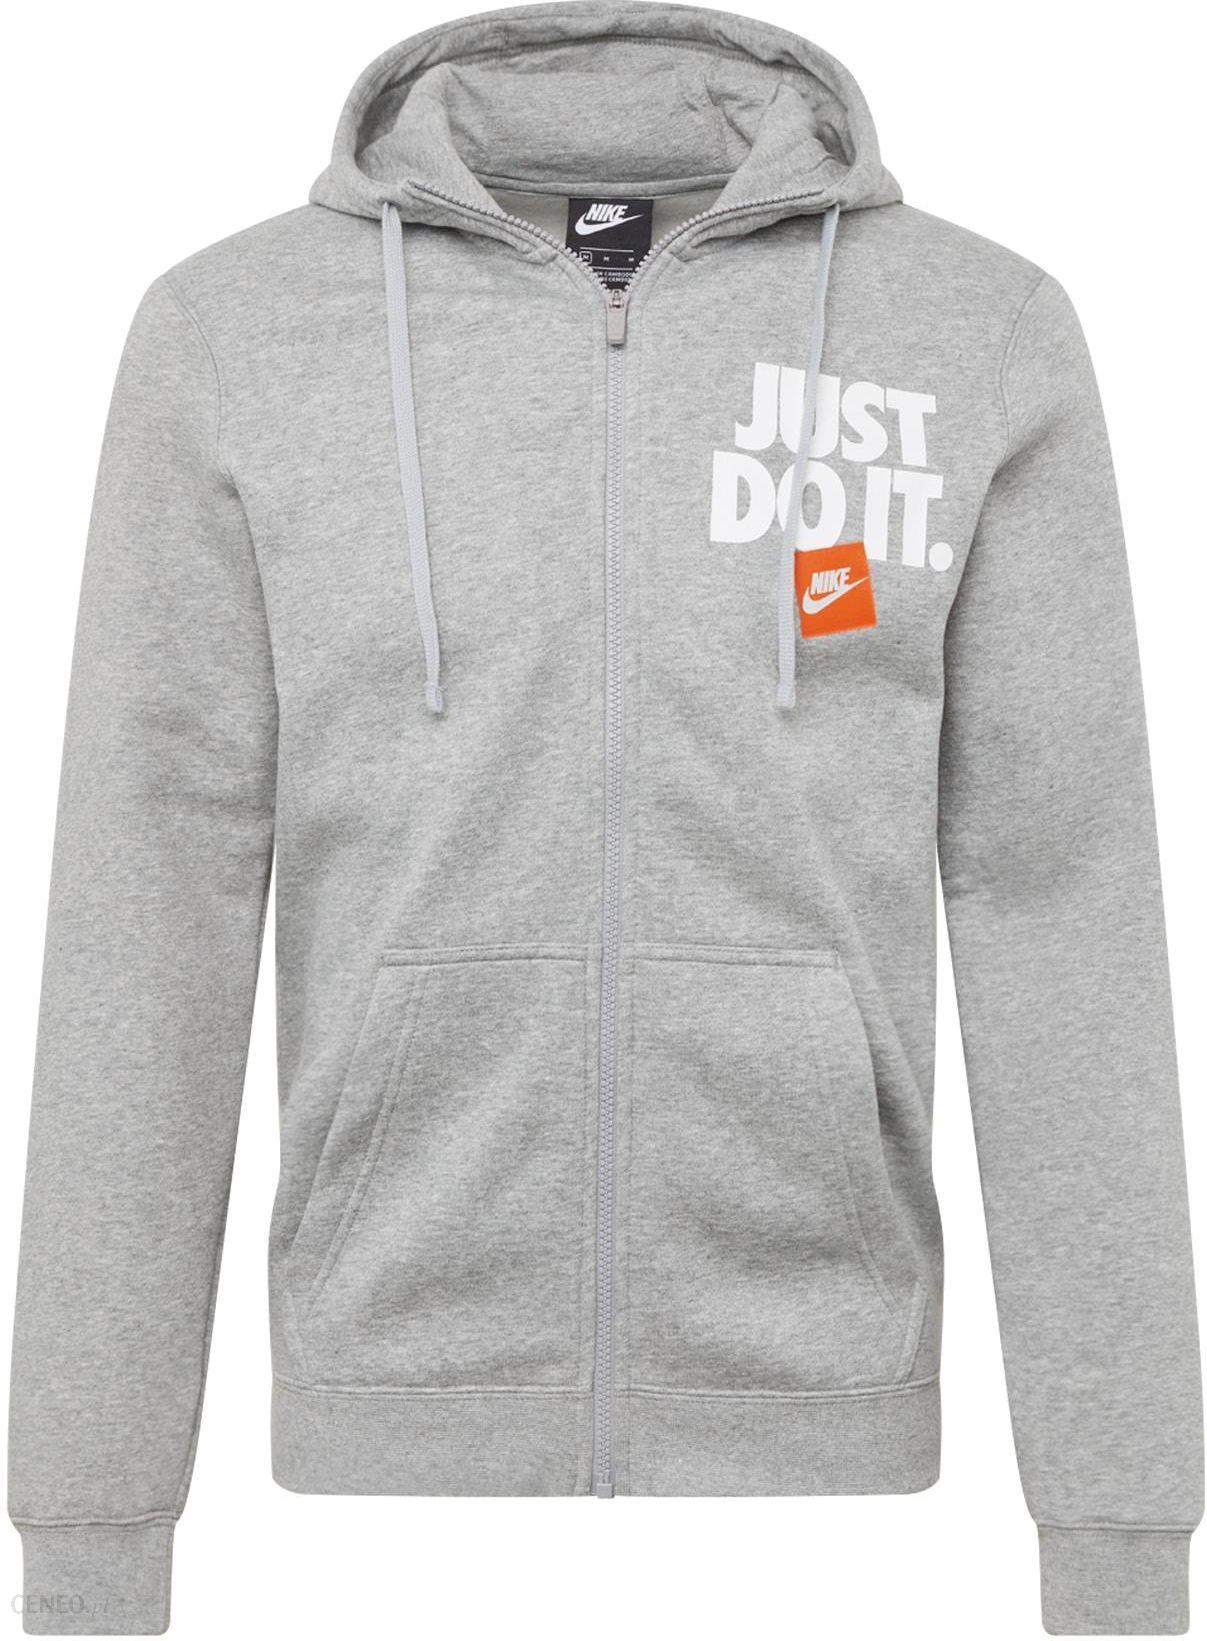 Bluza Nike Team Club Hoody bawełna granatowa 140 Ceny i opinie Ceneo.pl